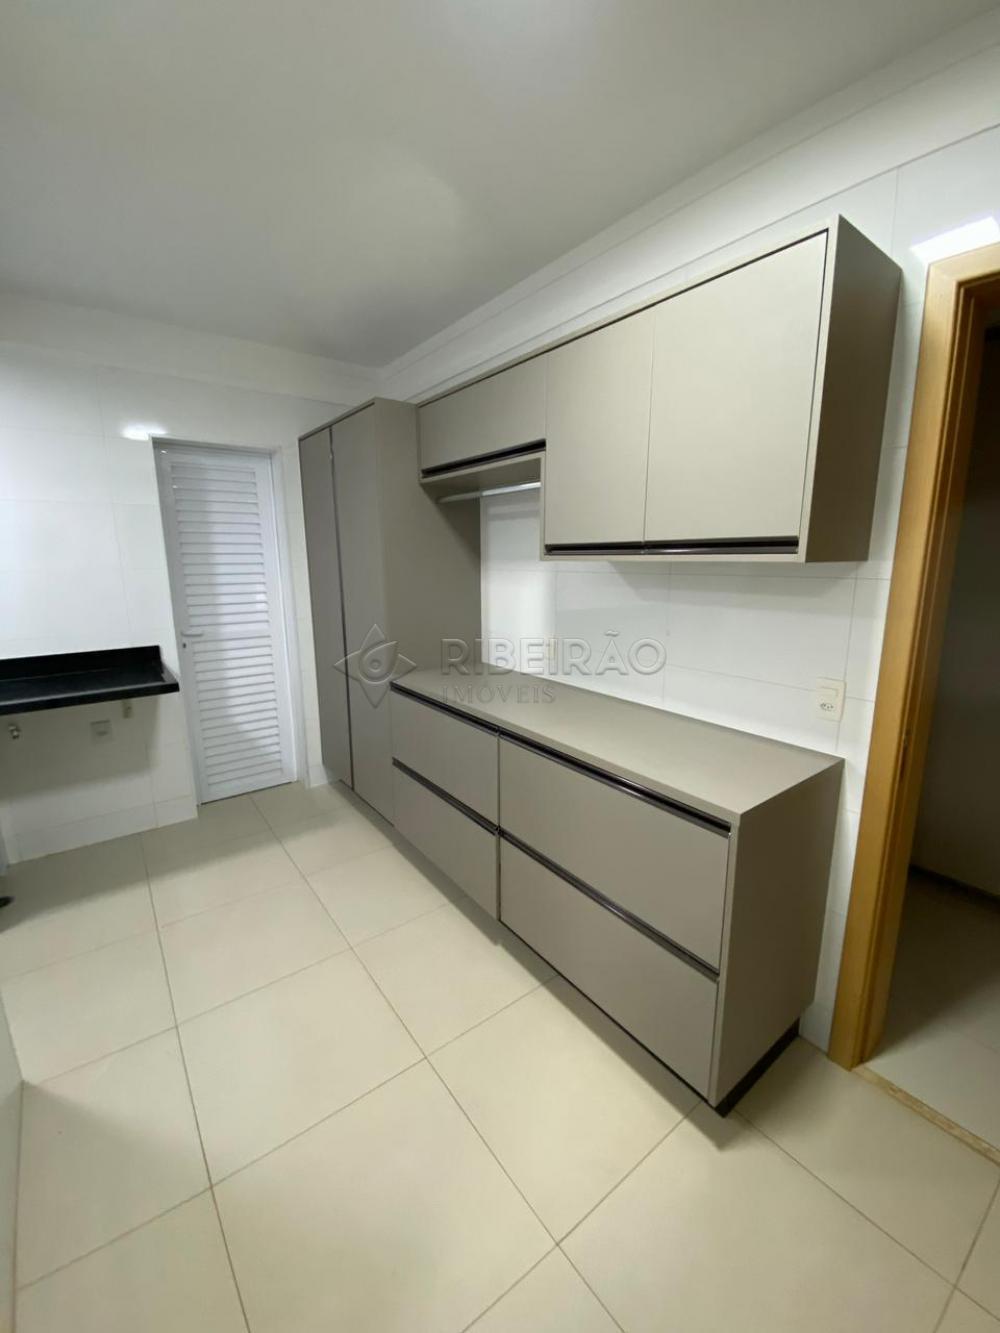 Alugar Apartamento / Padrão em Ribeirão Preto R$ 8.600,00 - Foto 8